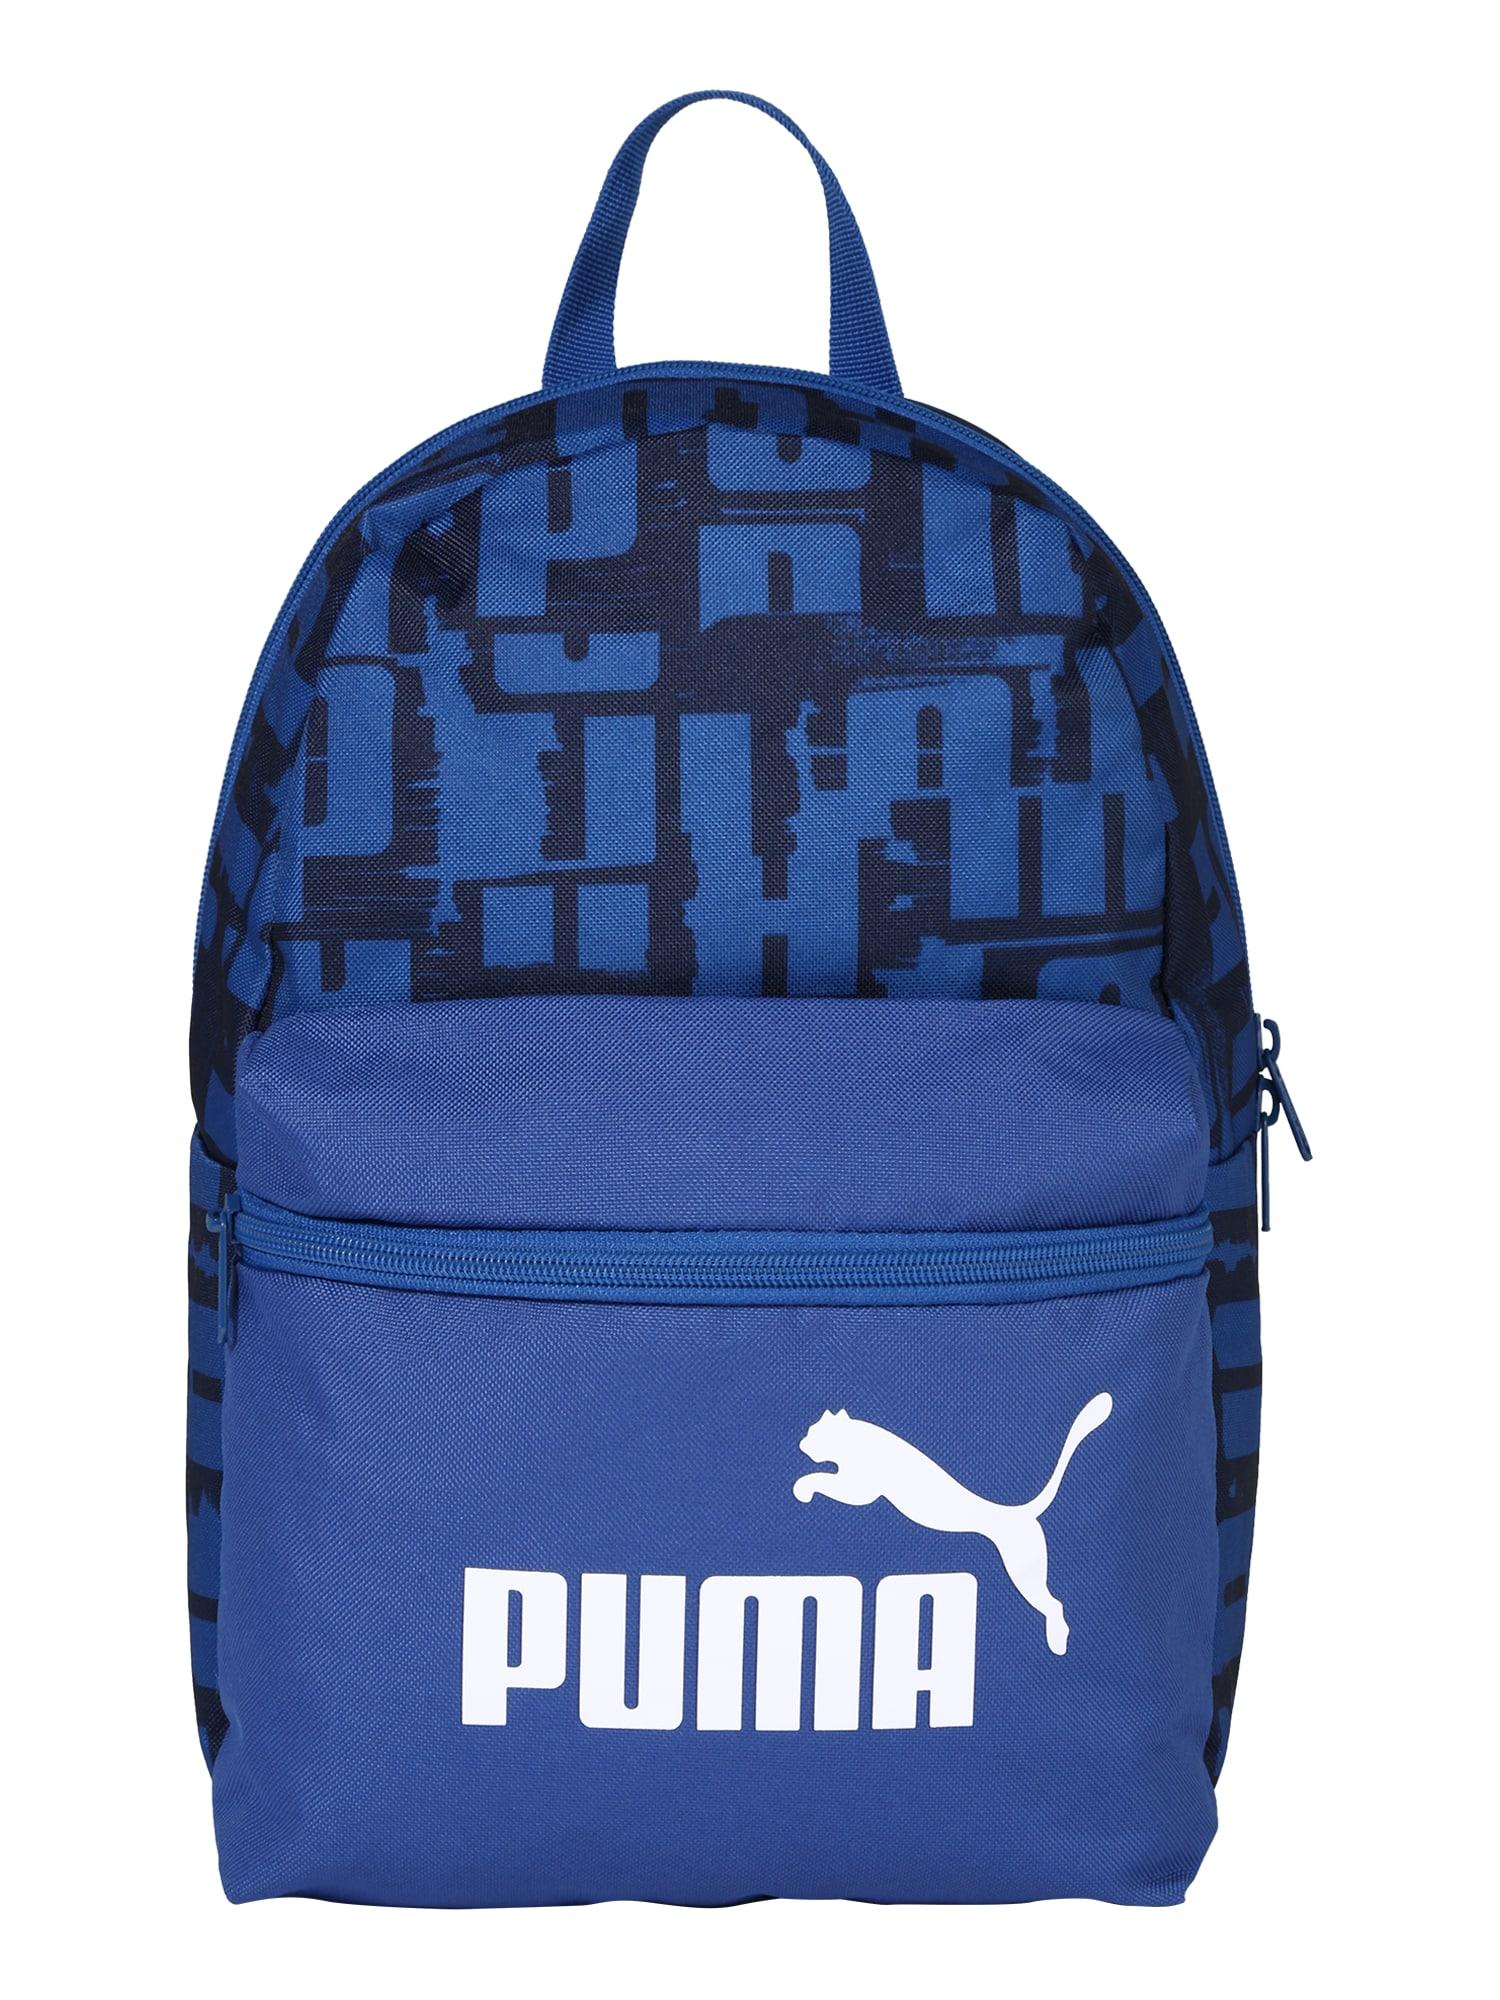 Sportovní batoh Phase Small modrá PUMA